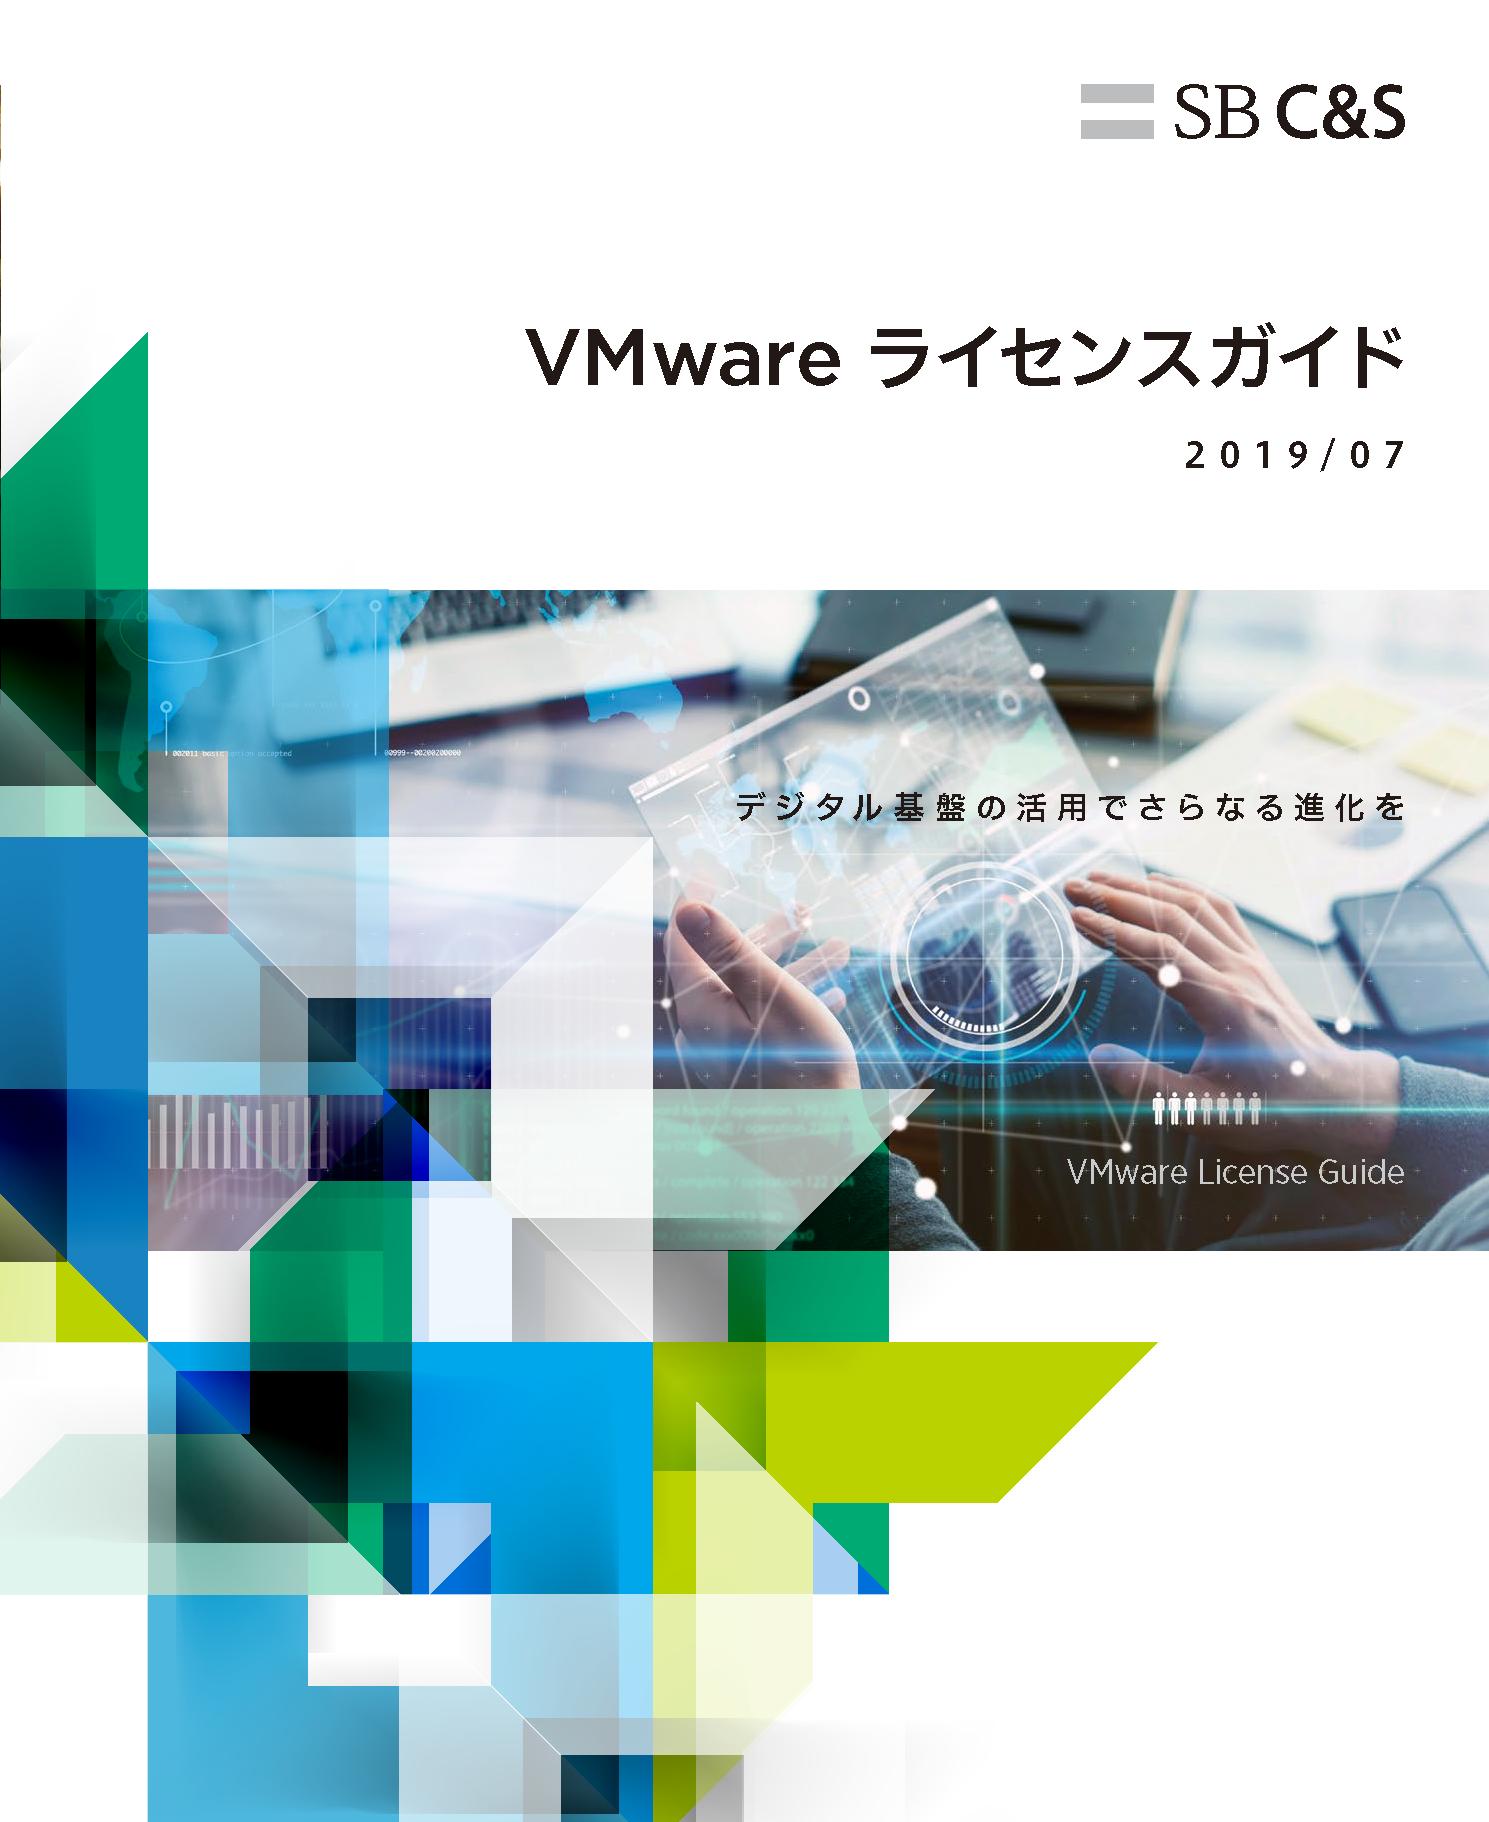 VMware ライセンスガイド 2019年7月版